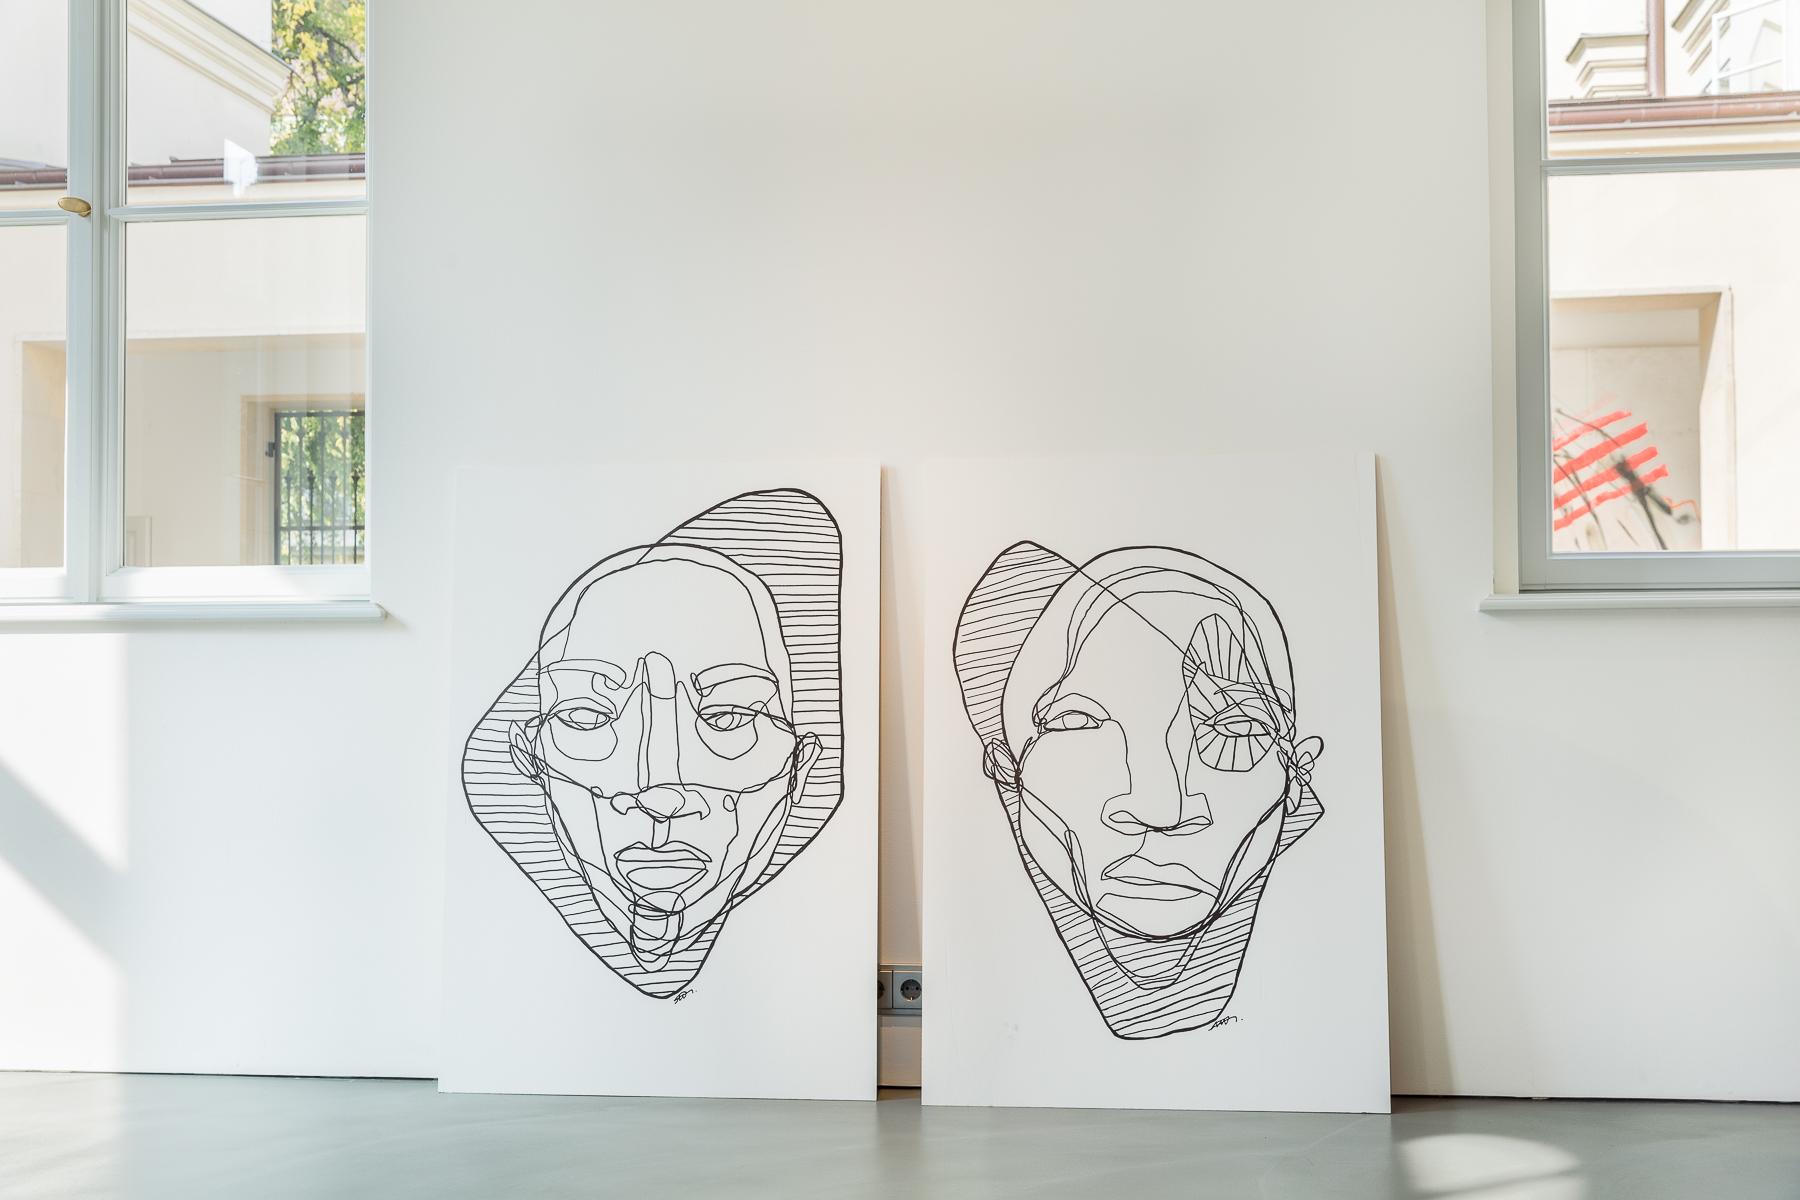 Ausstellungsansichten_Sammlung Sanziany_026_web.jpg